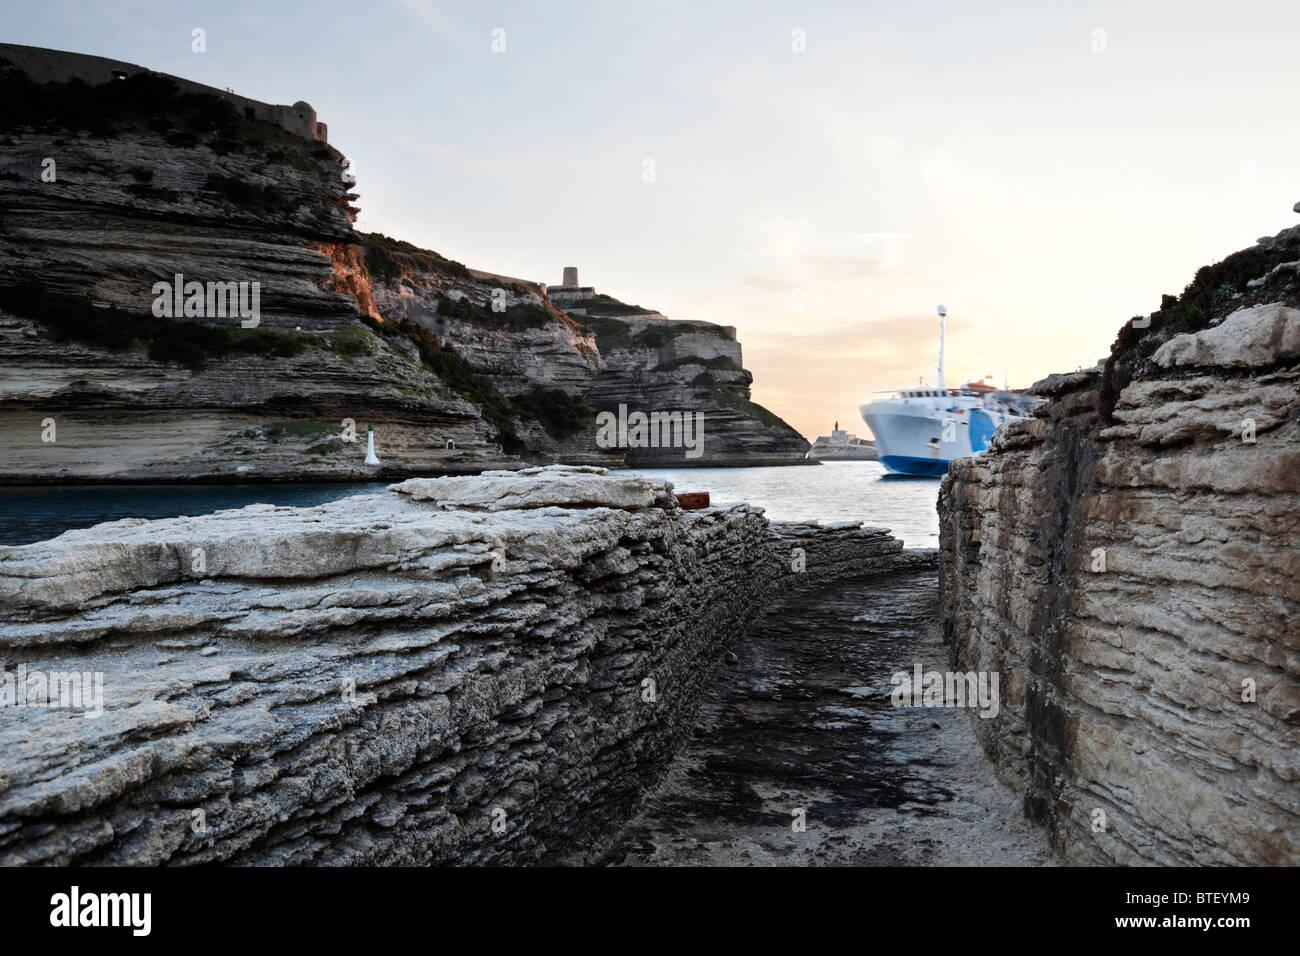 Fahre Kommt In Den Kanal Von Bonifacio Ansicht Von Einem